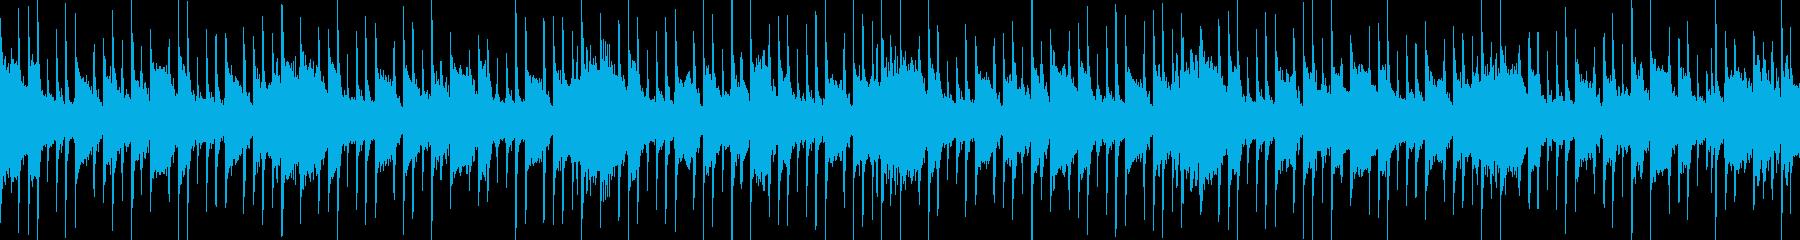 緊迫感ある一曲 ダイジェスト等に ループの再生済みの波形